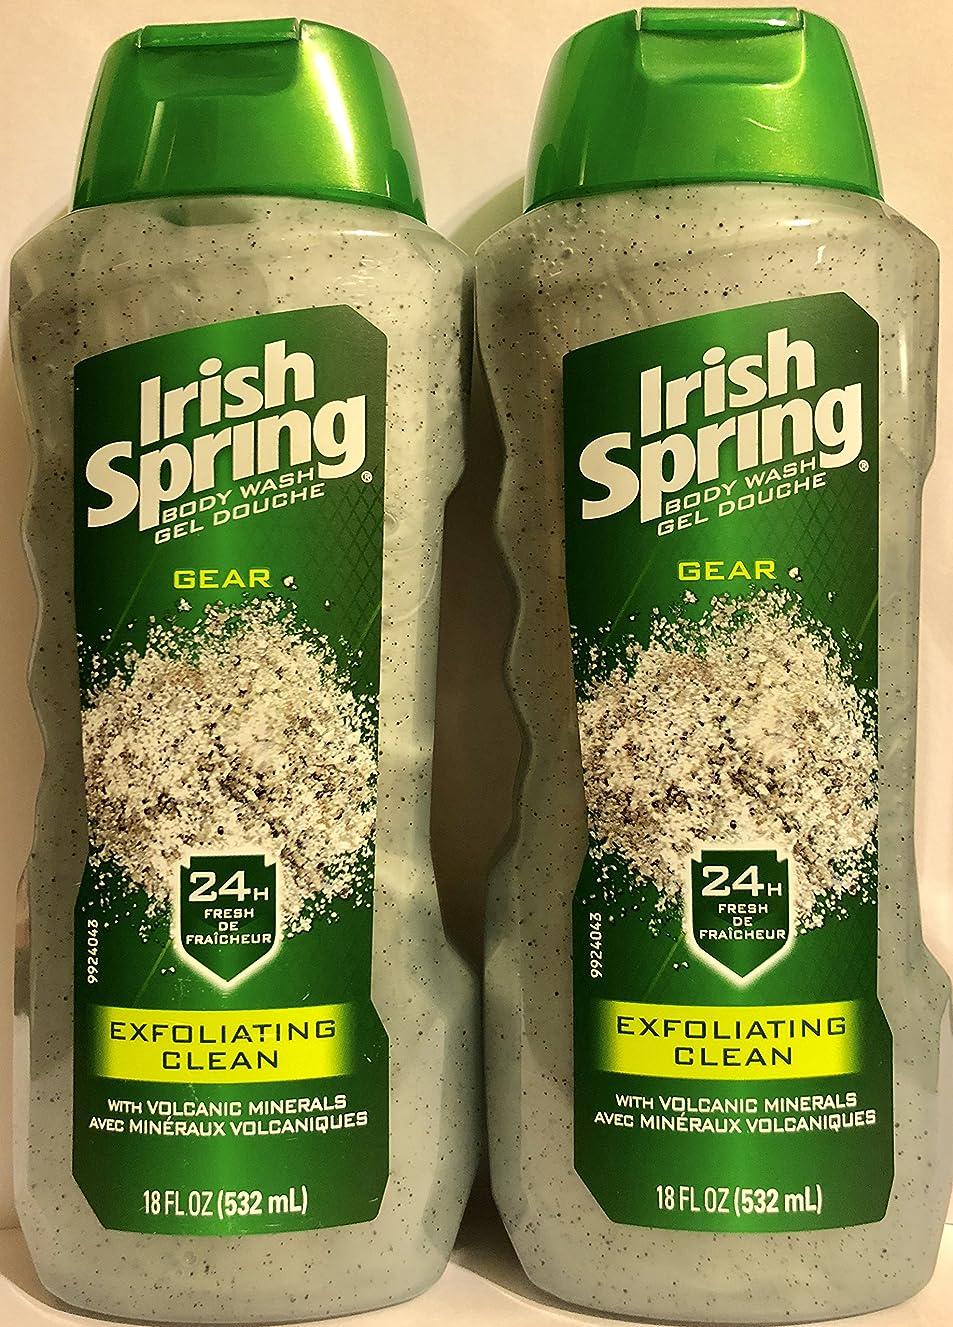 エールベスト官僚Irish Spring ギアボディウォッシュ - エクスフォリエイティングクリーン - 火山ミネラルを - ネット重量。ボトルパー18液量オンス(532 ml)を - 2本のボトルのパック